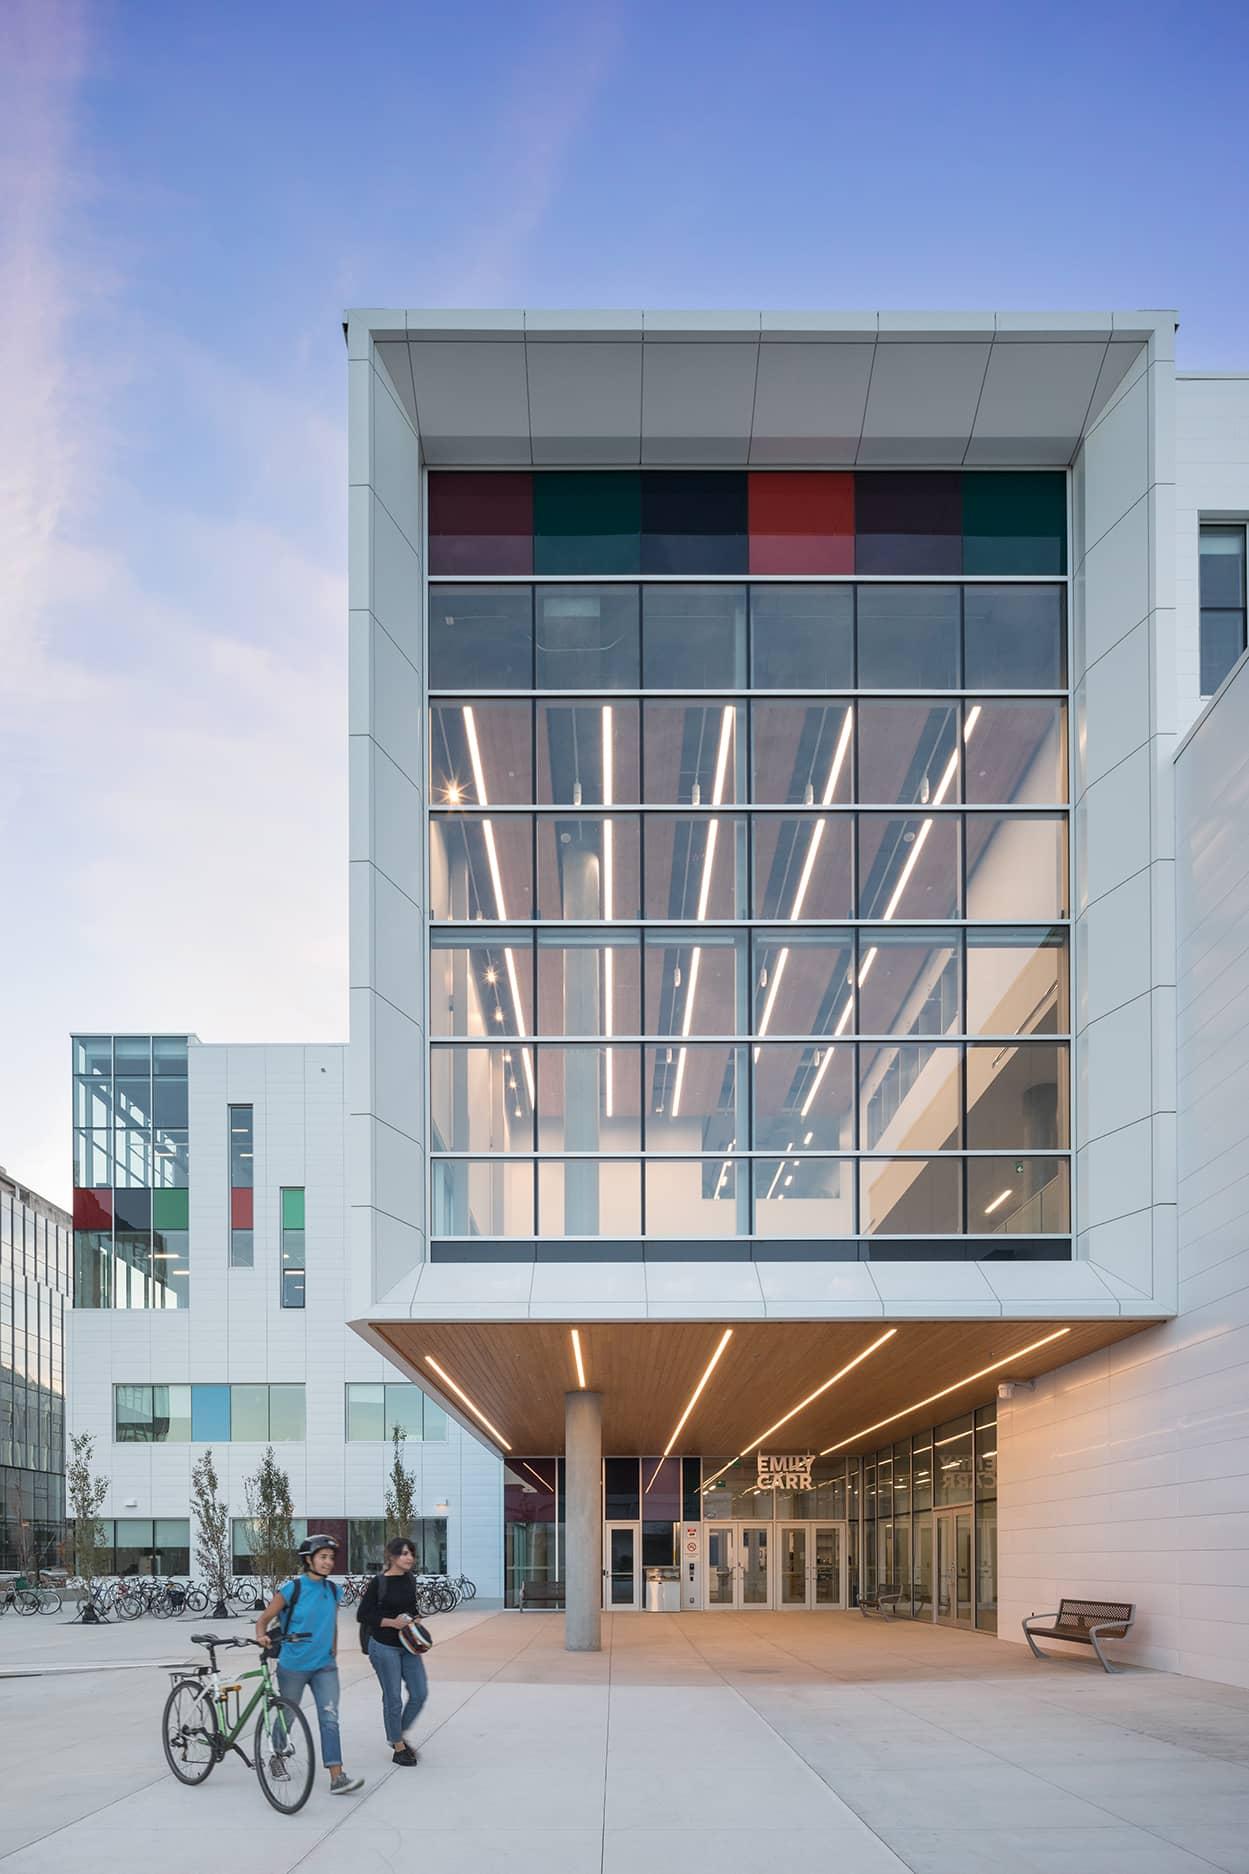 bbp emily carr university of art + design exterior straight